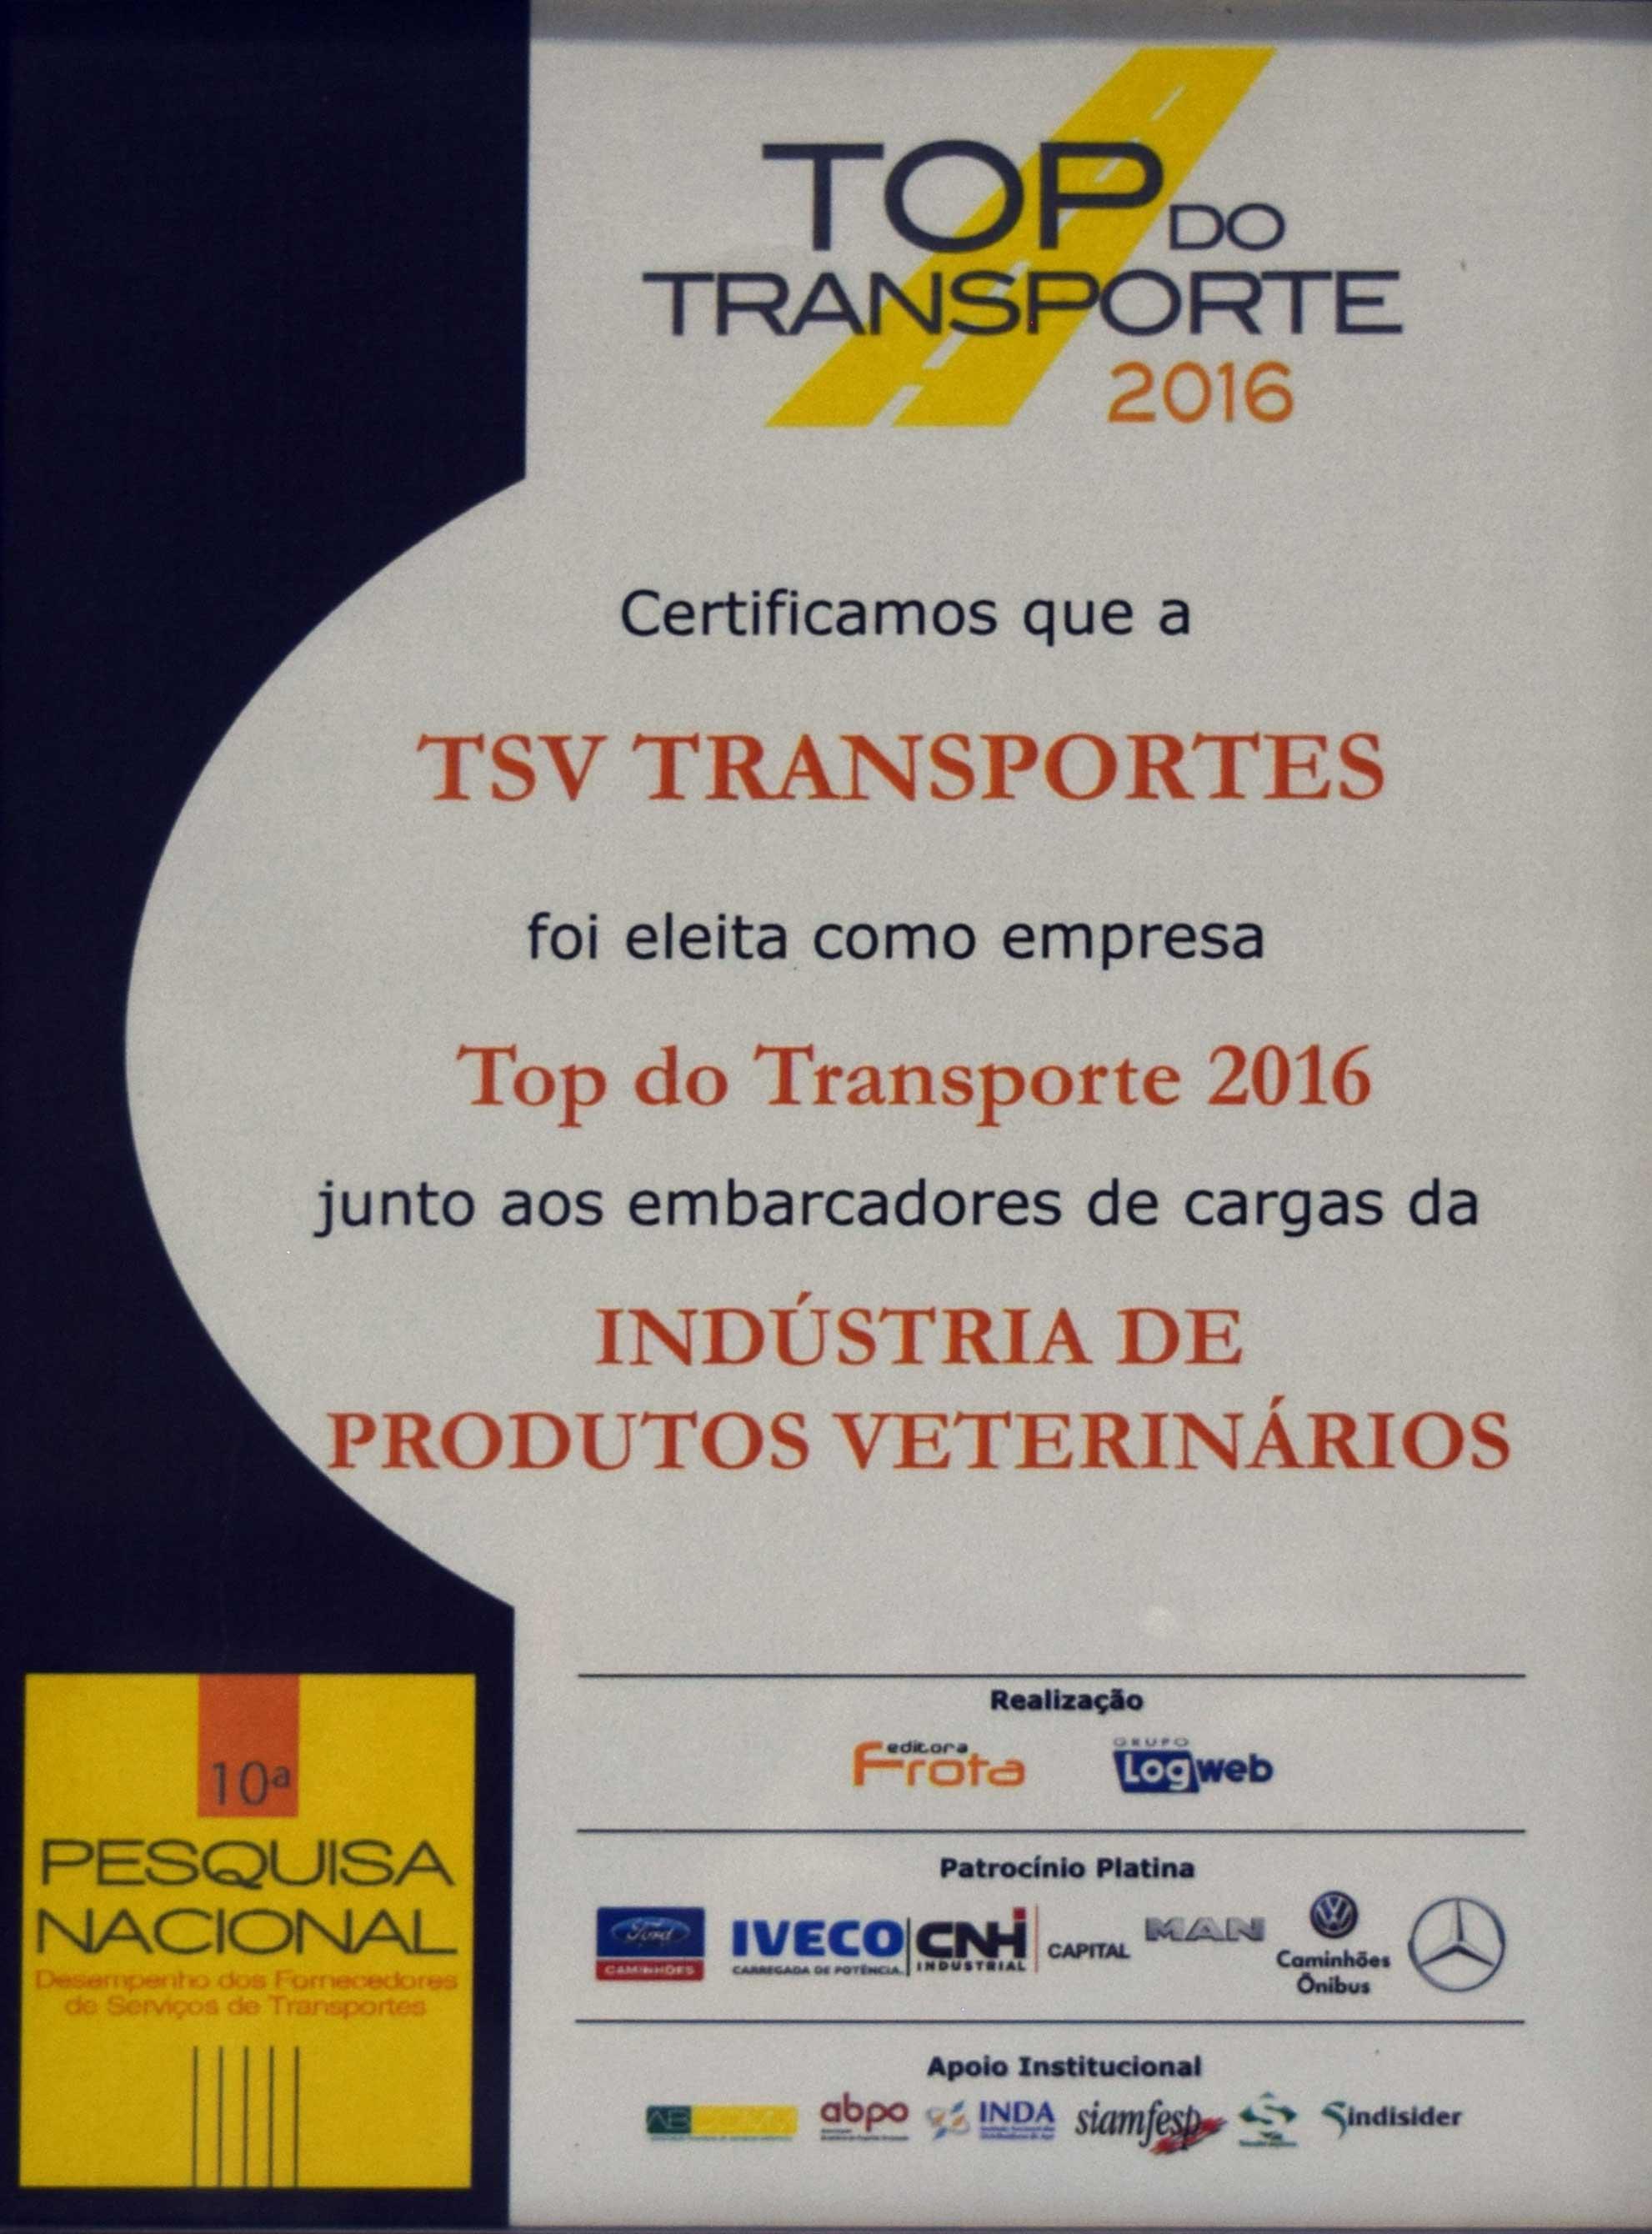 http://www.tsvtransportes.com.br/wp-content/uploads/2018/09/DSC_0194.jpg